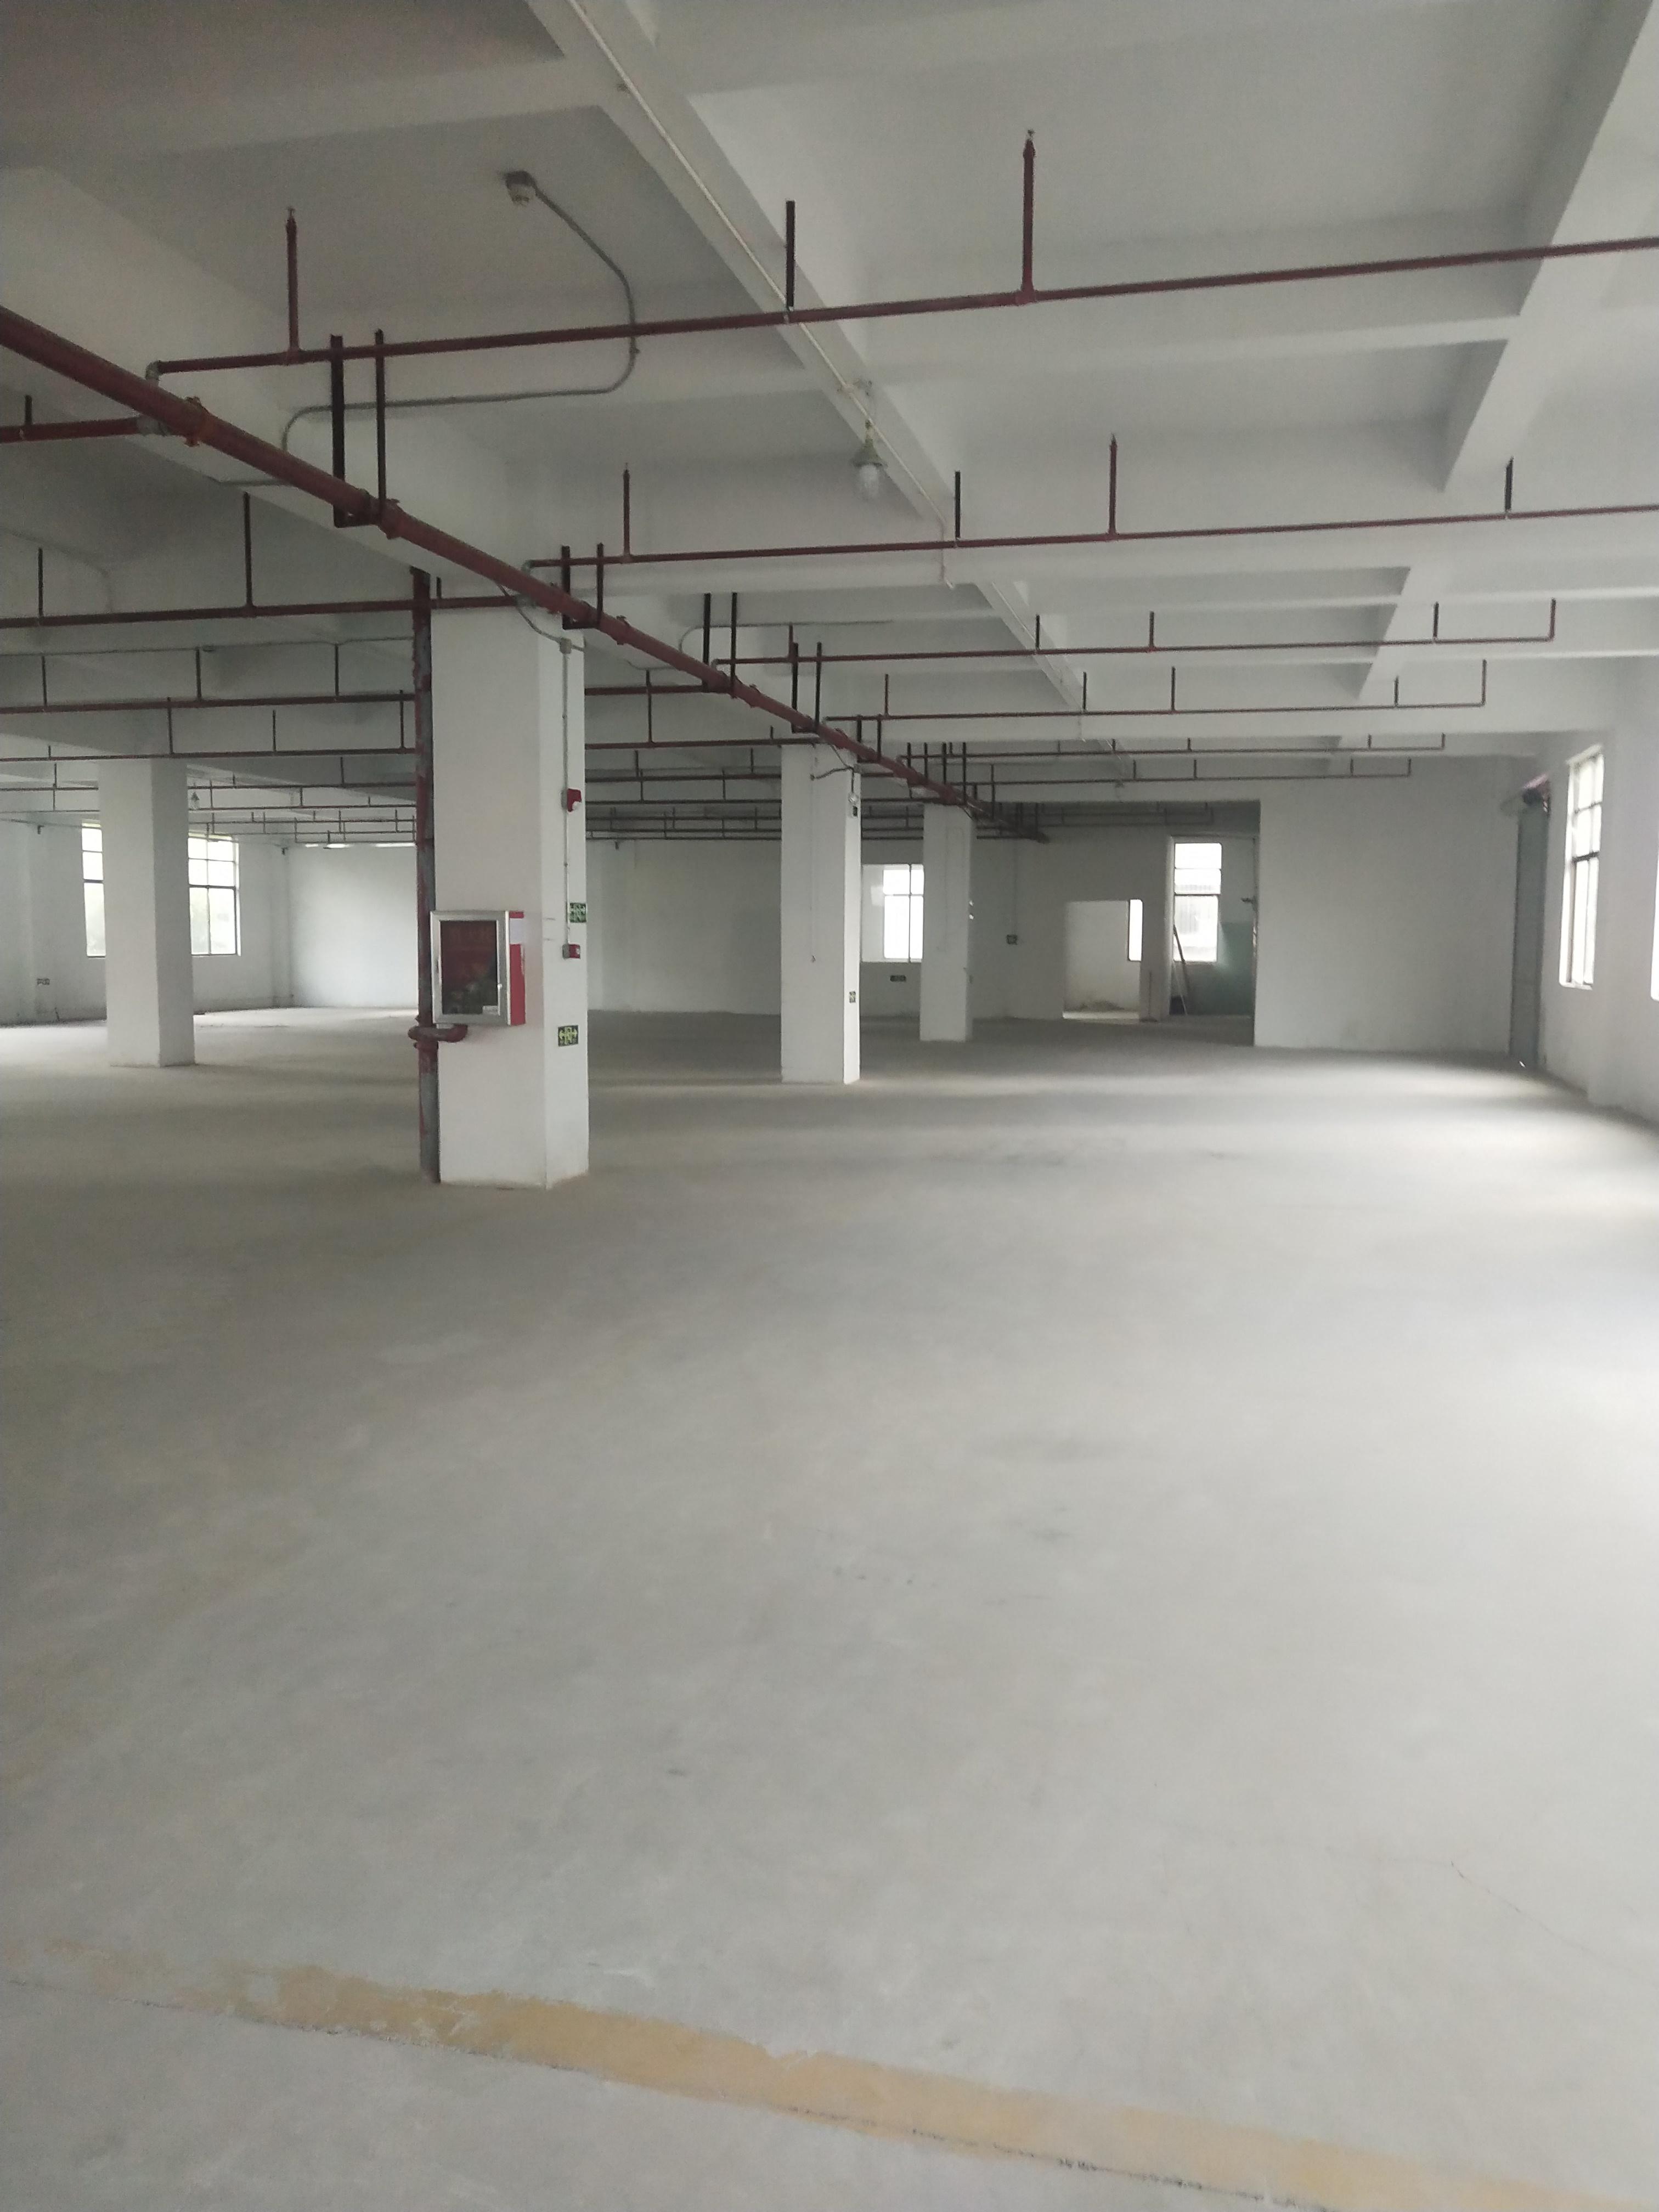 布吉秀峰工业区新出600平带装修厂房仓库出租